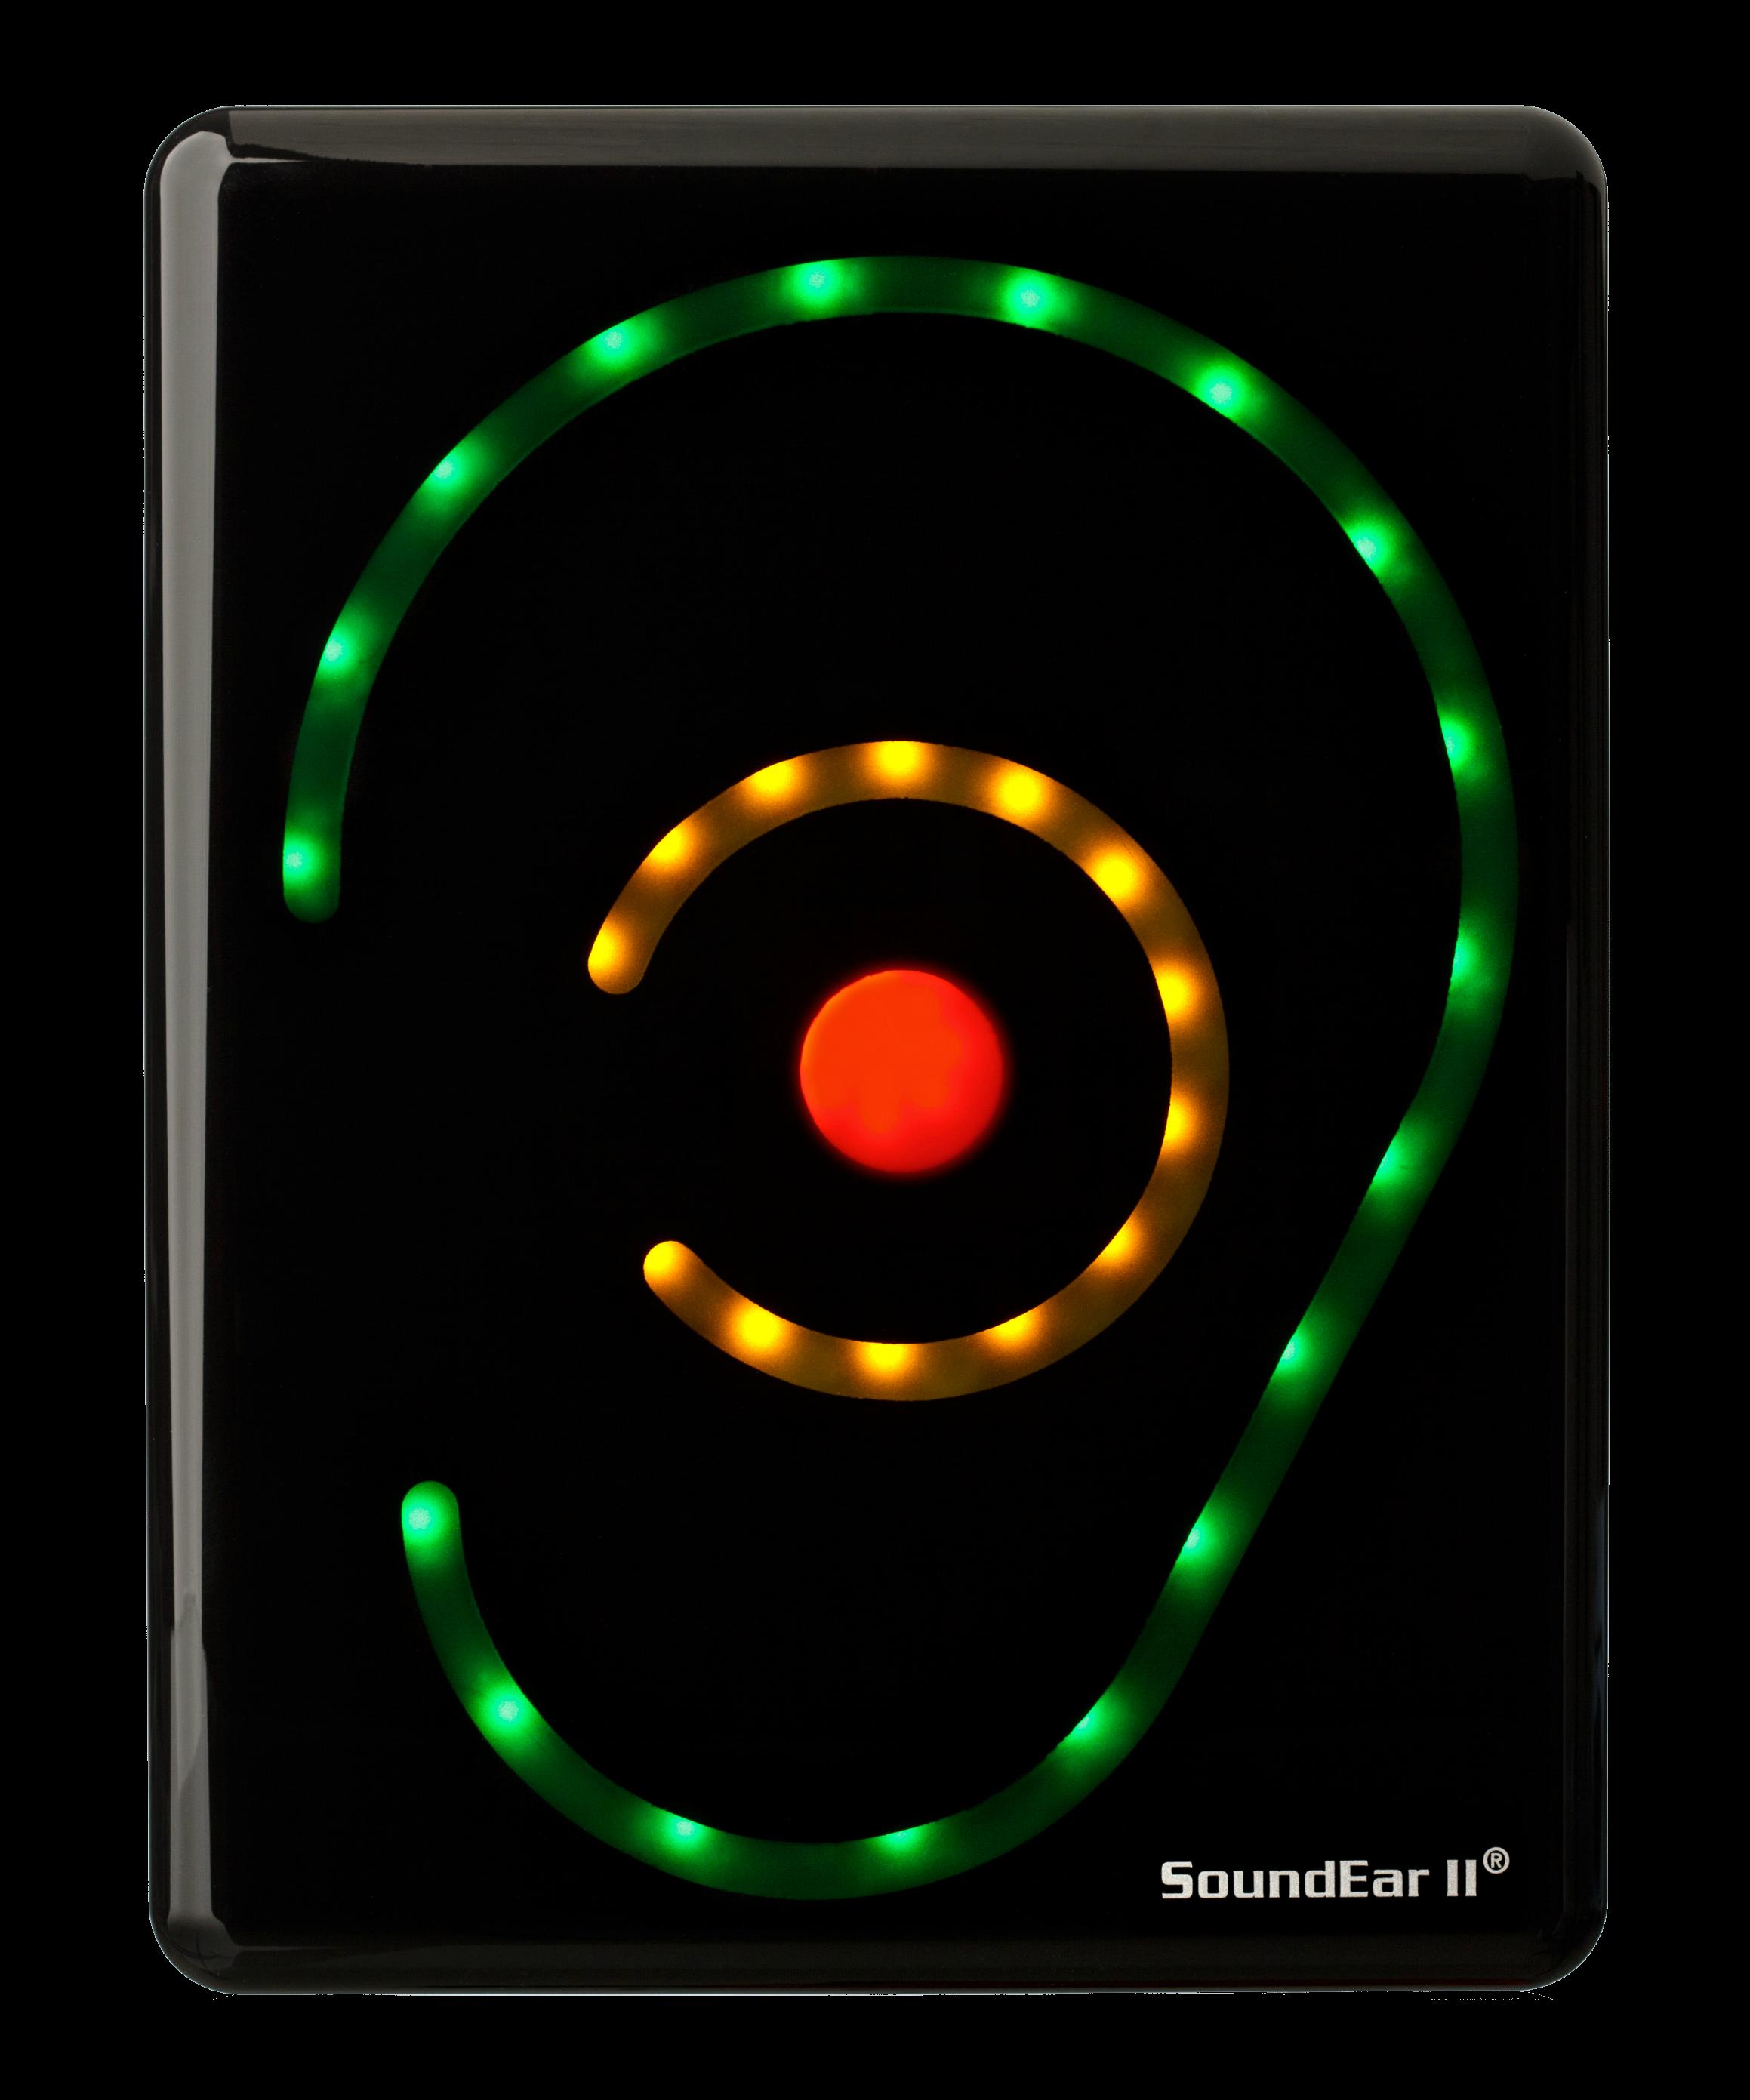 Støjmåling med SoundEar